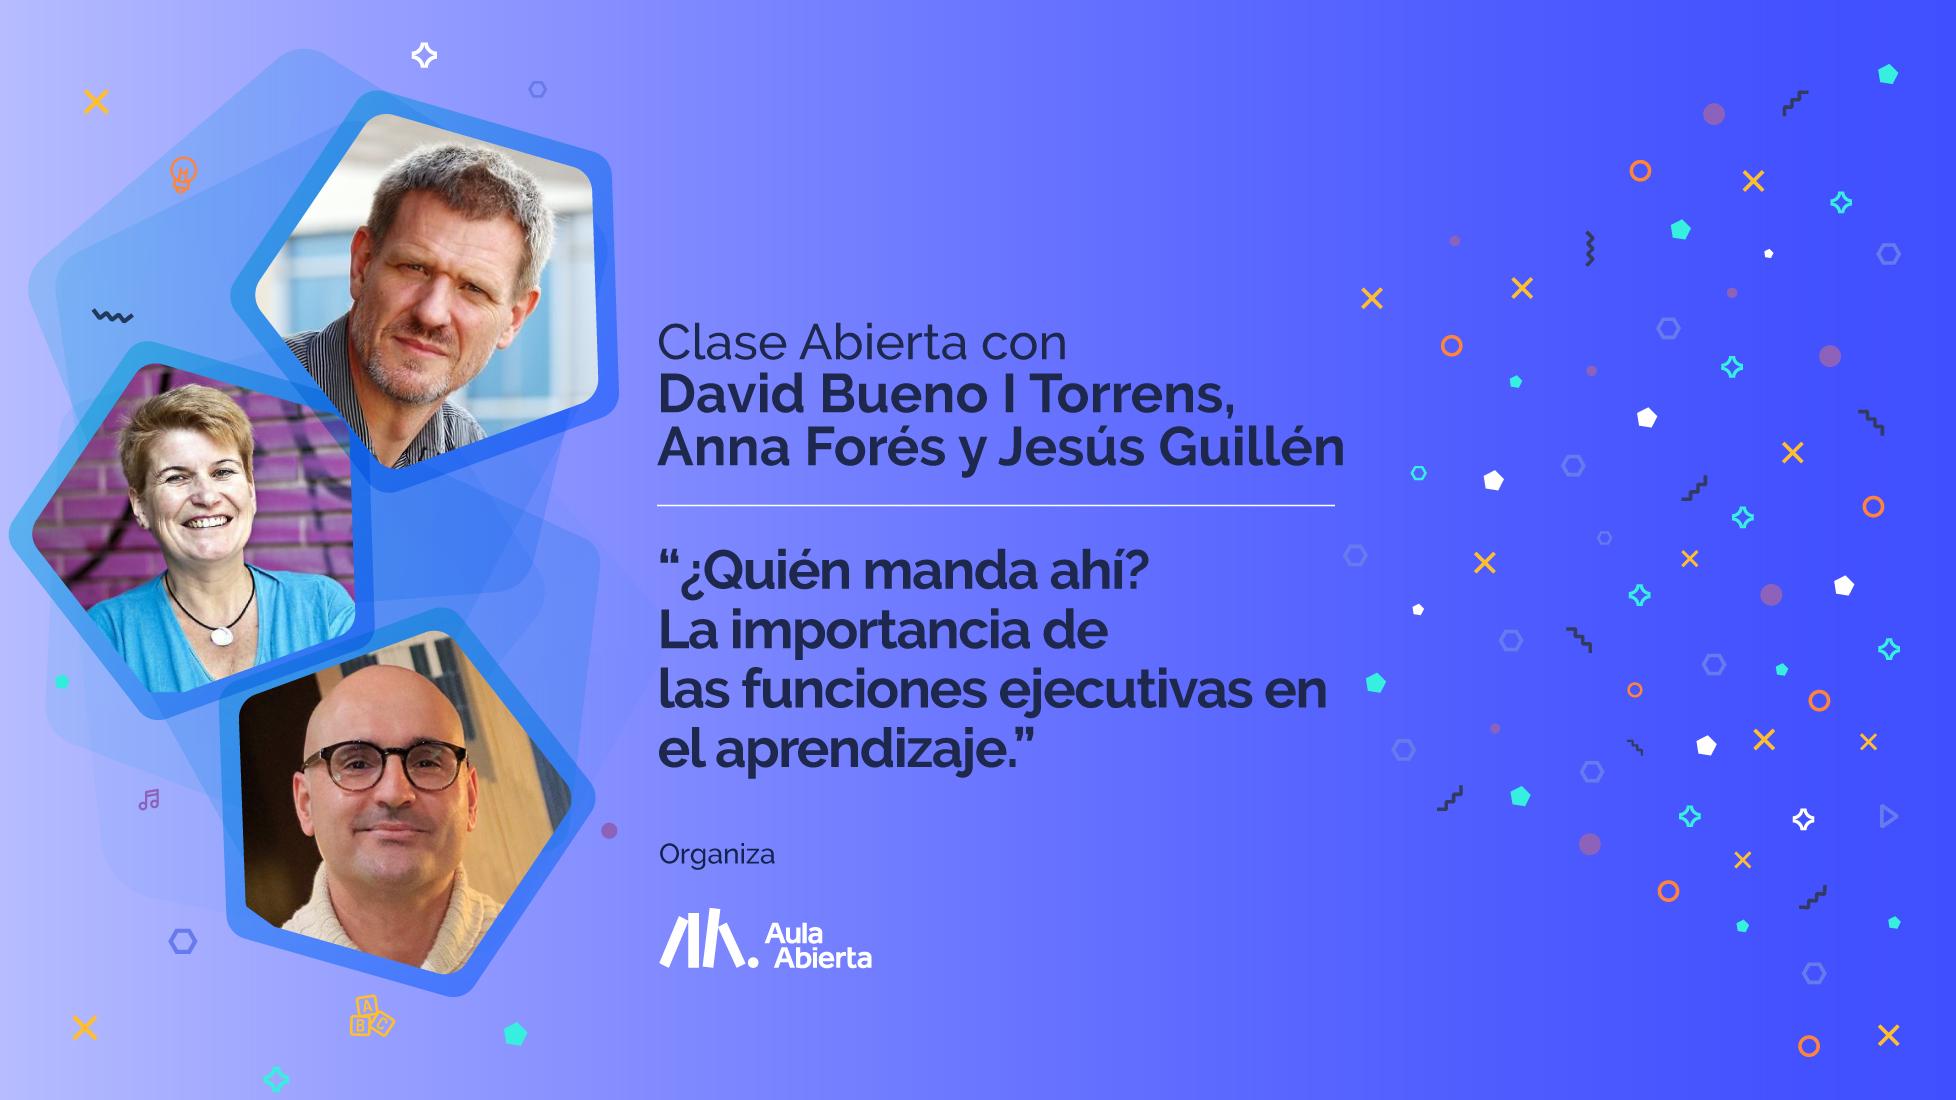 Jesús Guillen, Anna Fores y David Bueno ¿Quién manda ahí? La importancia de las funciones ejecutivas en el aprendizaje.